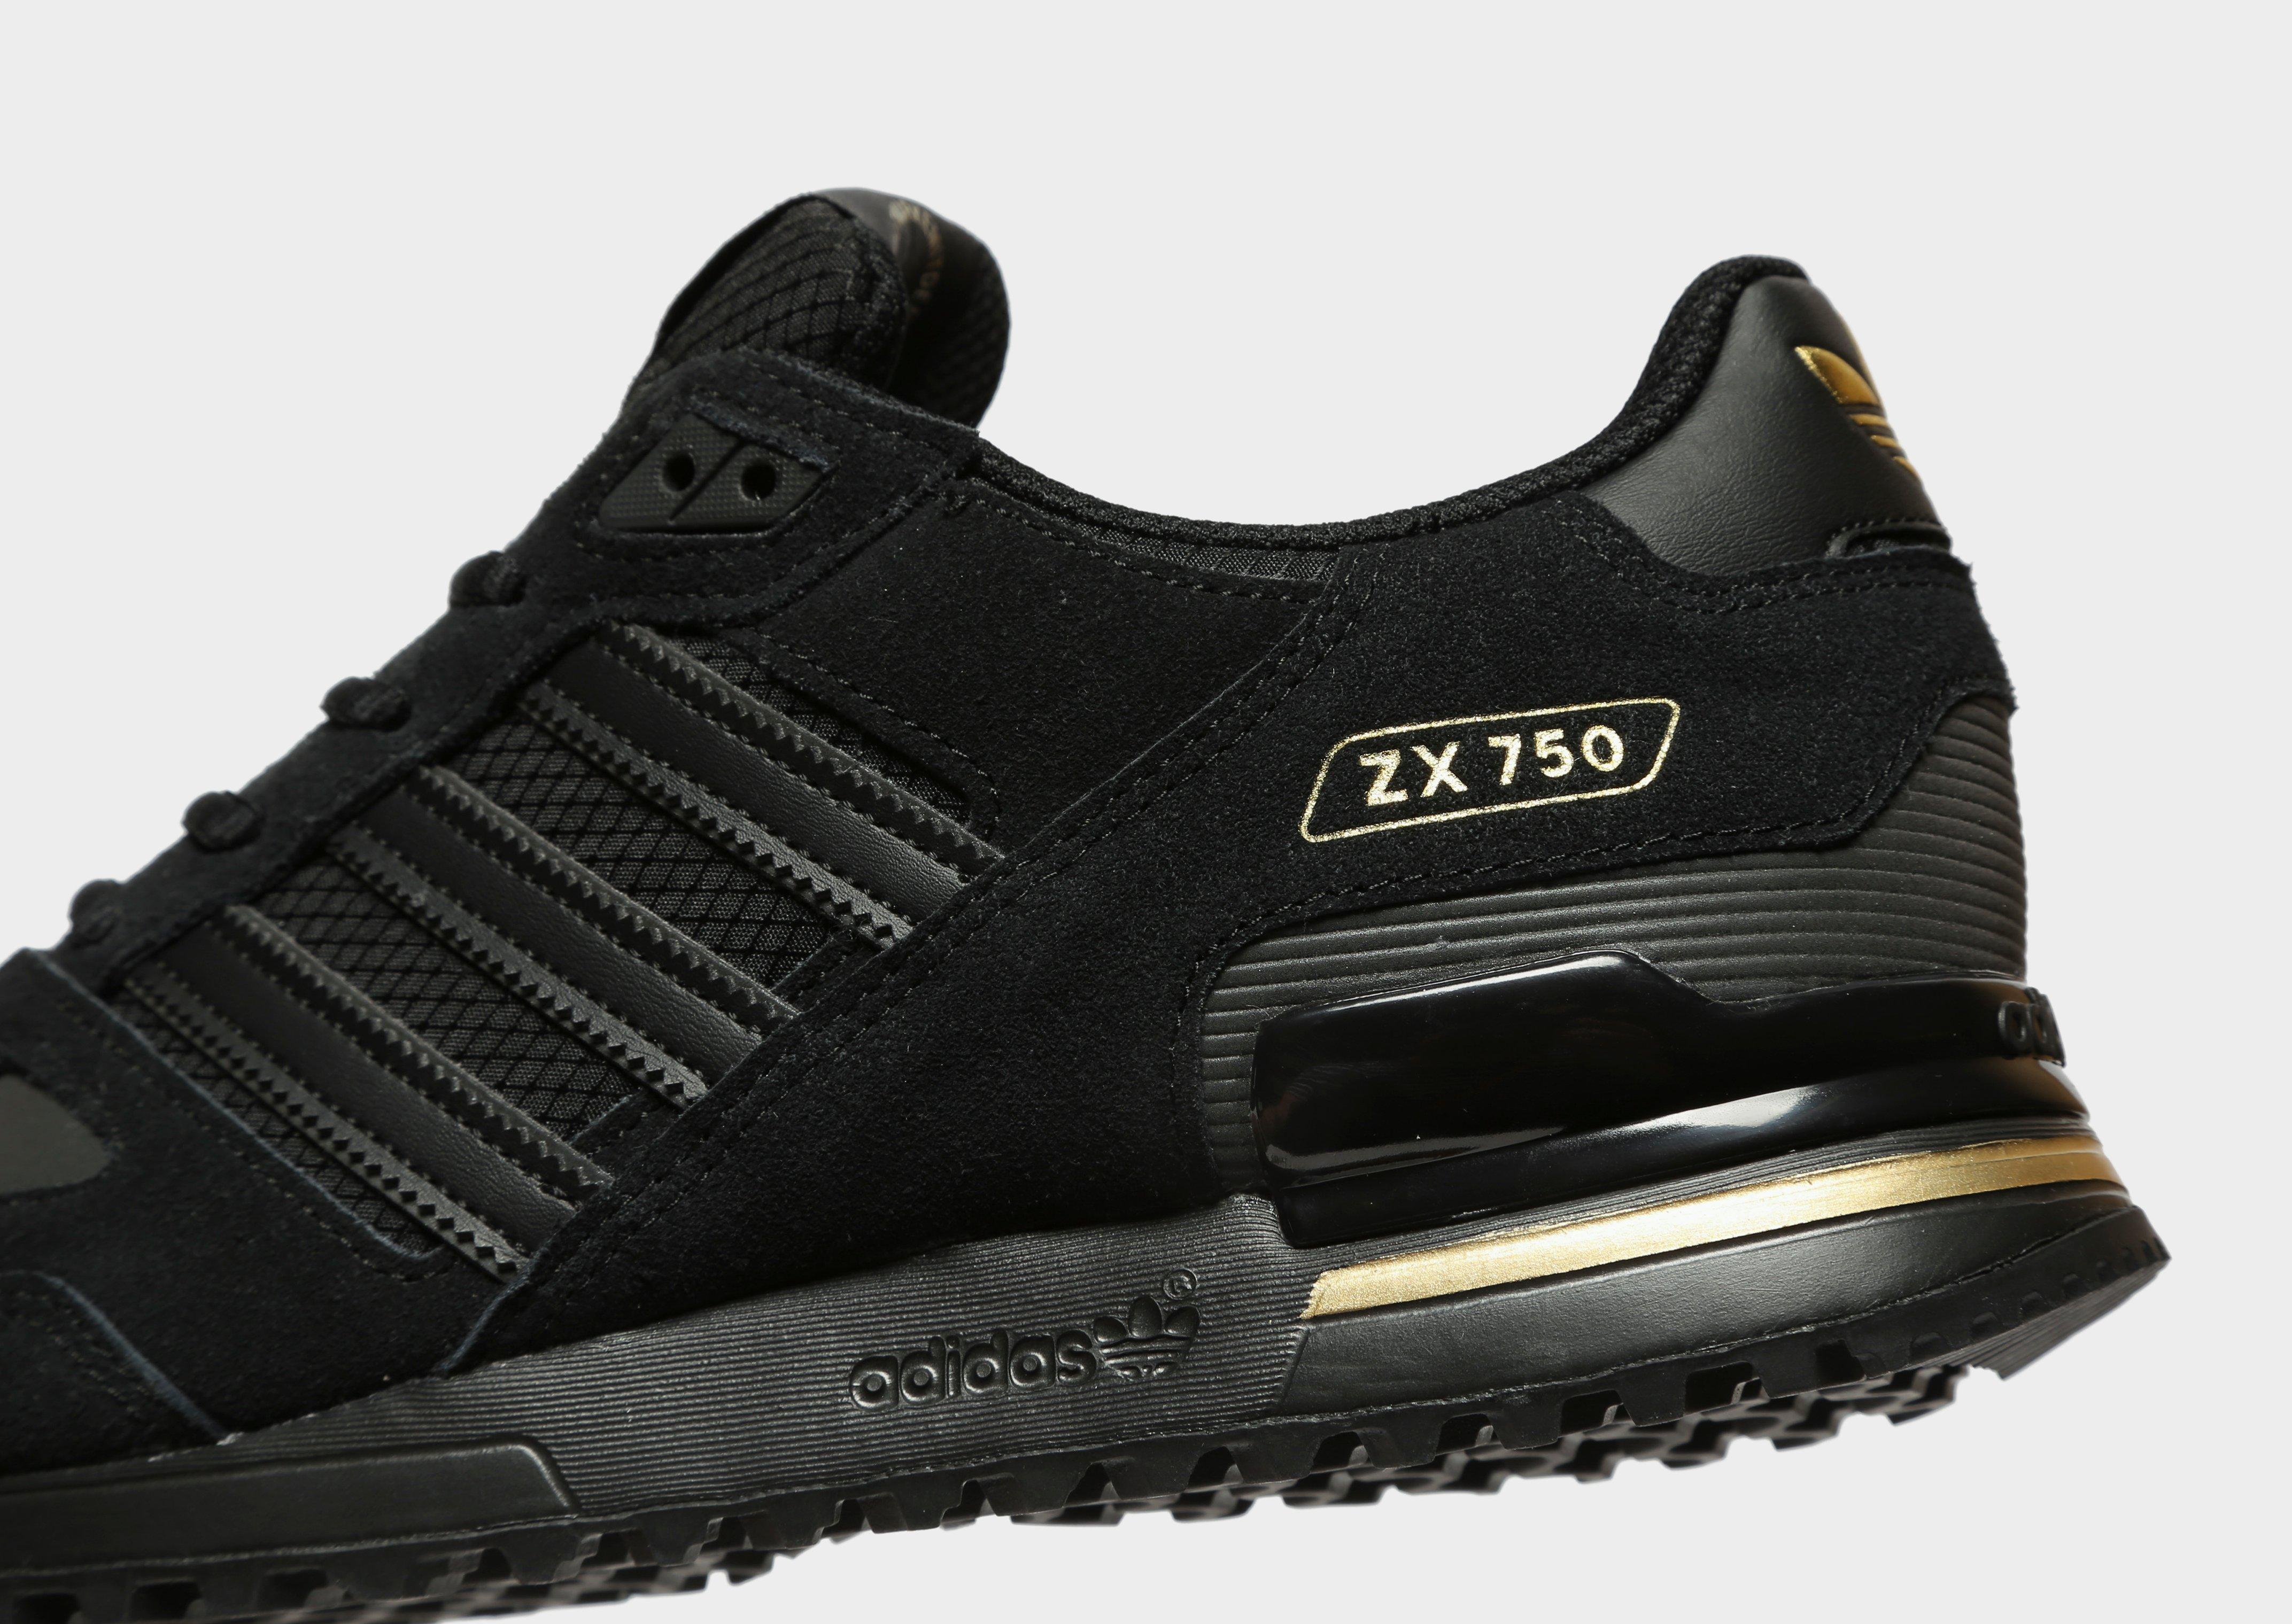 adidas zx 750 noir cheap buy online